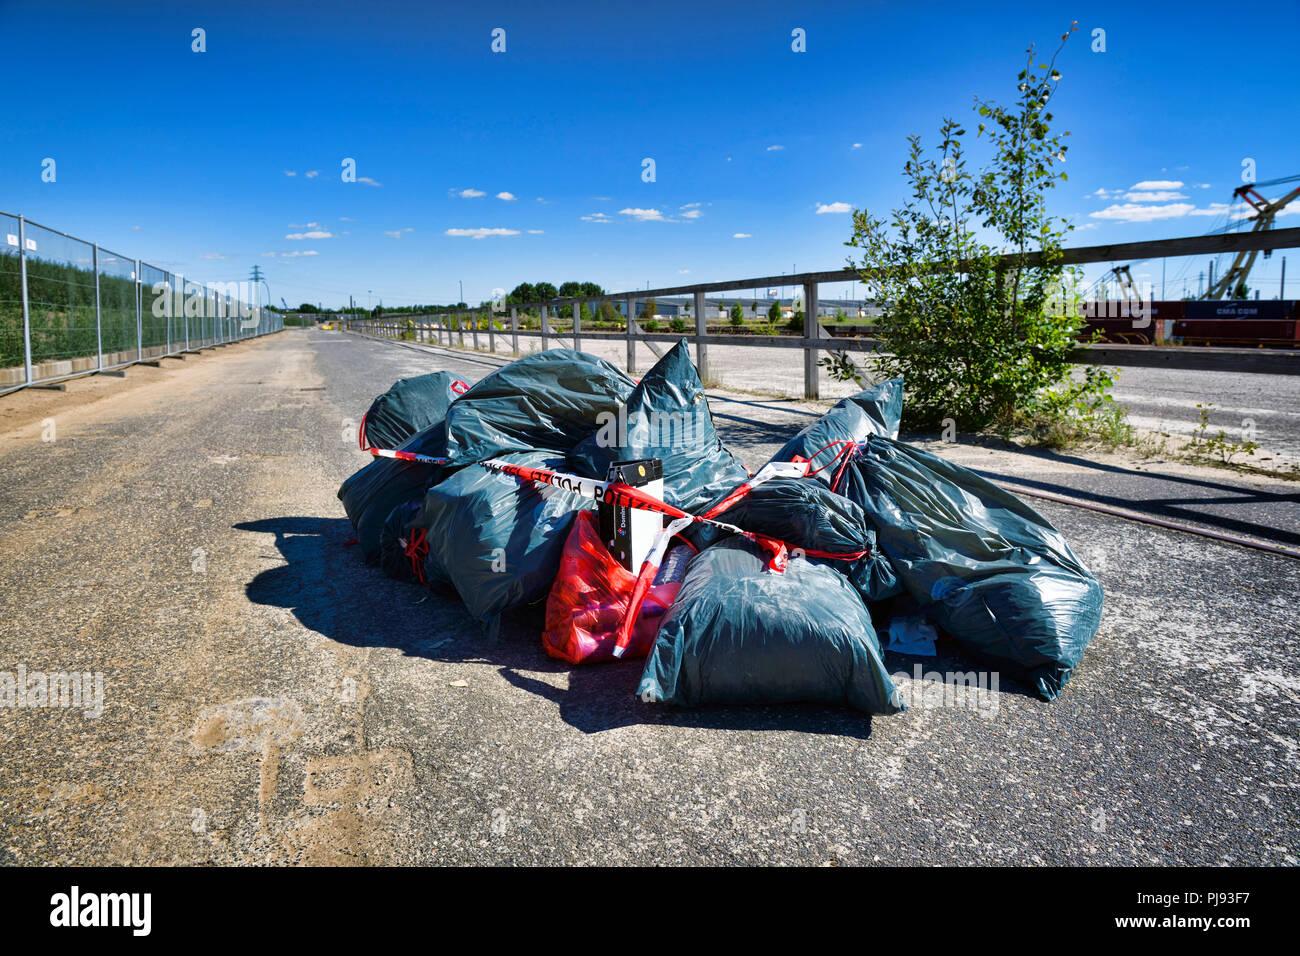 Unlawful waste disposal in Hamburg, Germany, Europe, Illegale Müllentsorgung in Hamburg, Deutschland, Europa - Stock Image